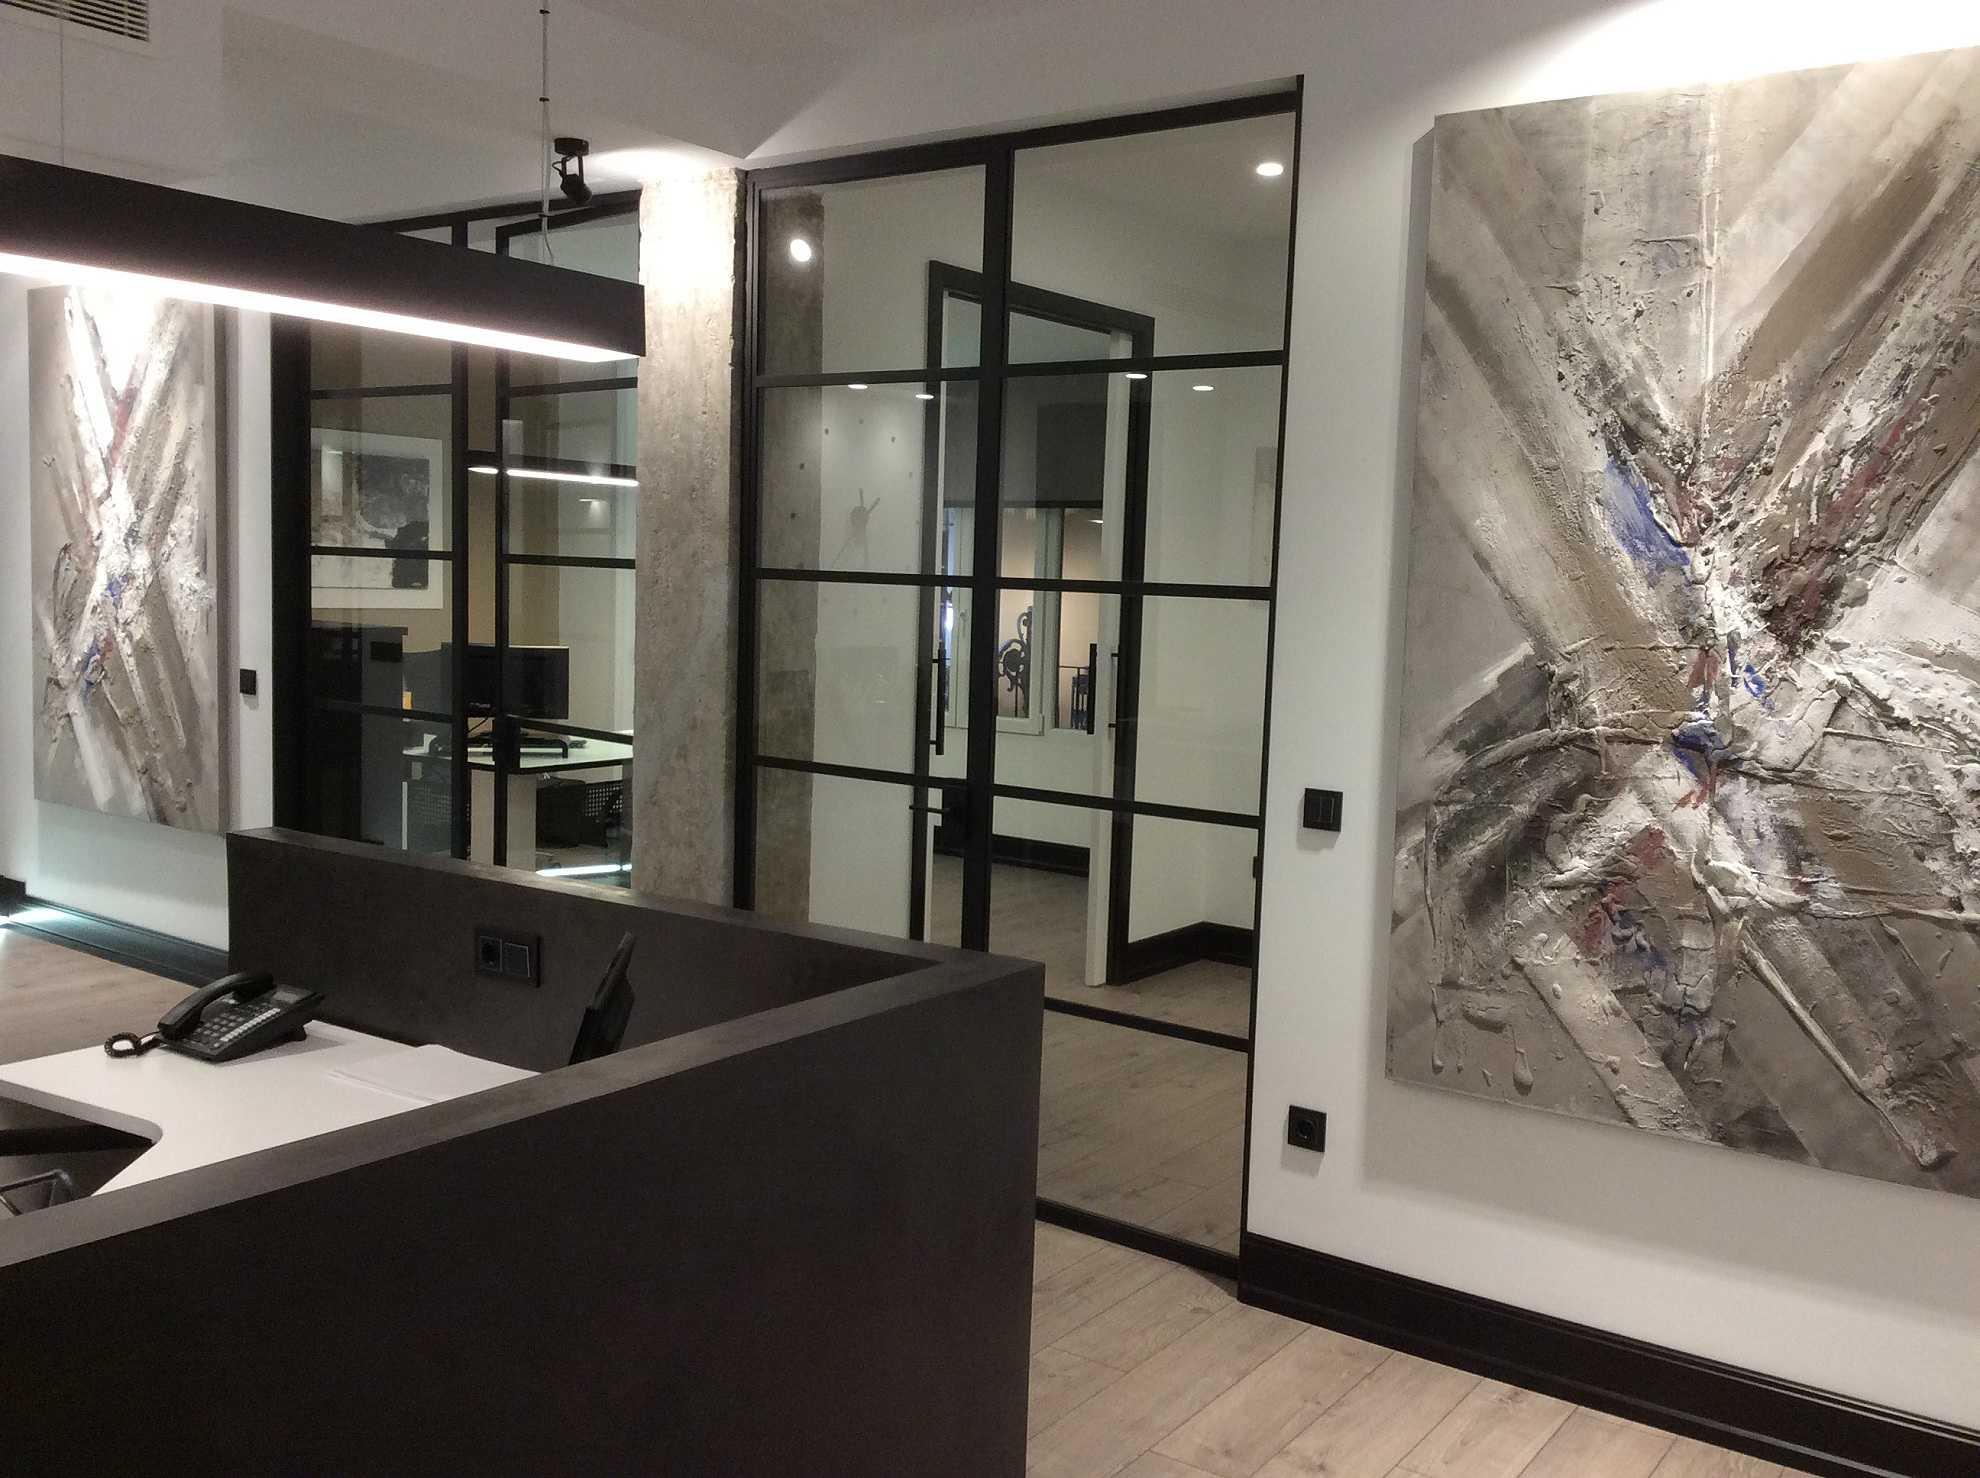 ambiente 9 oficina- despacho